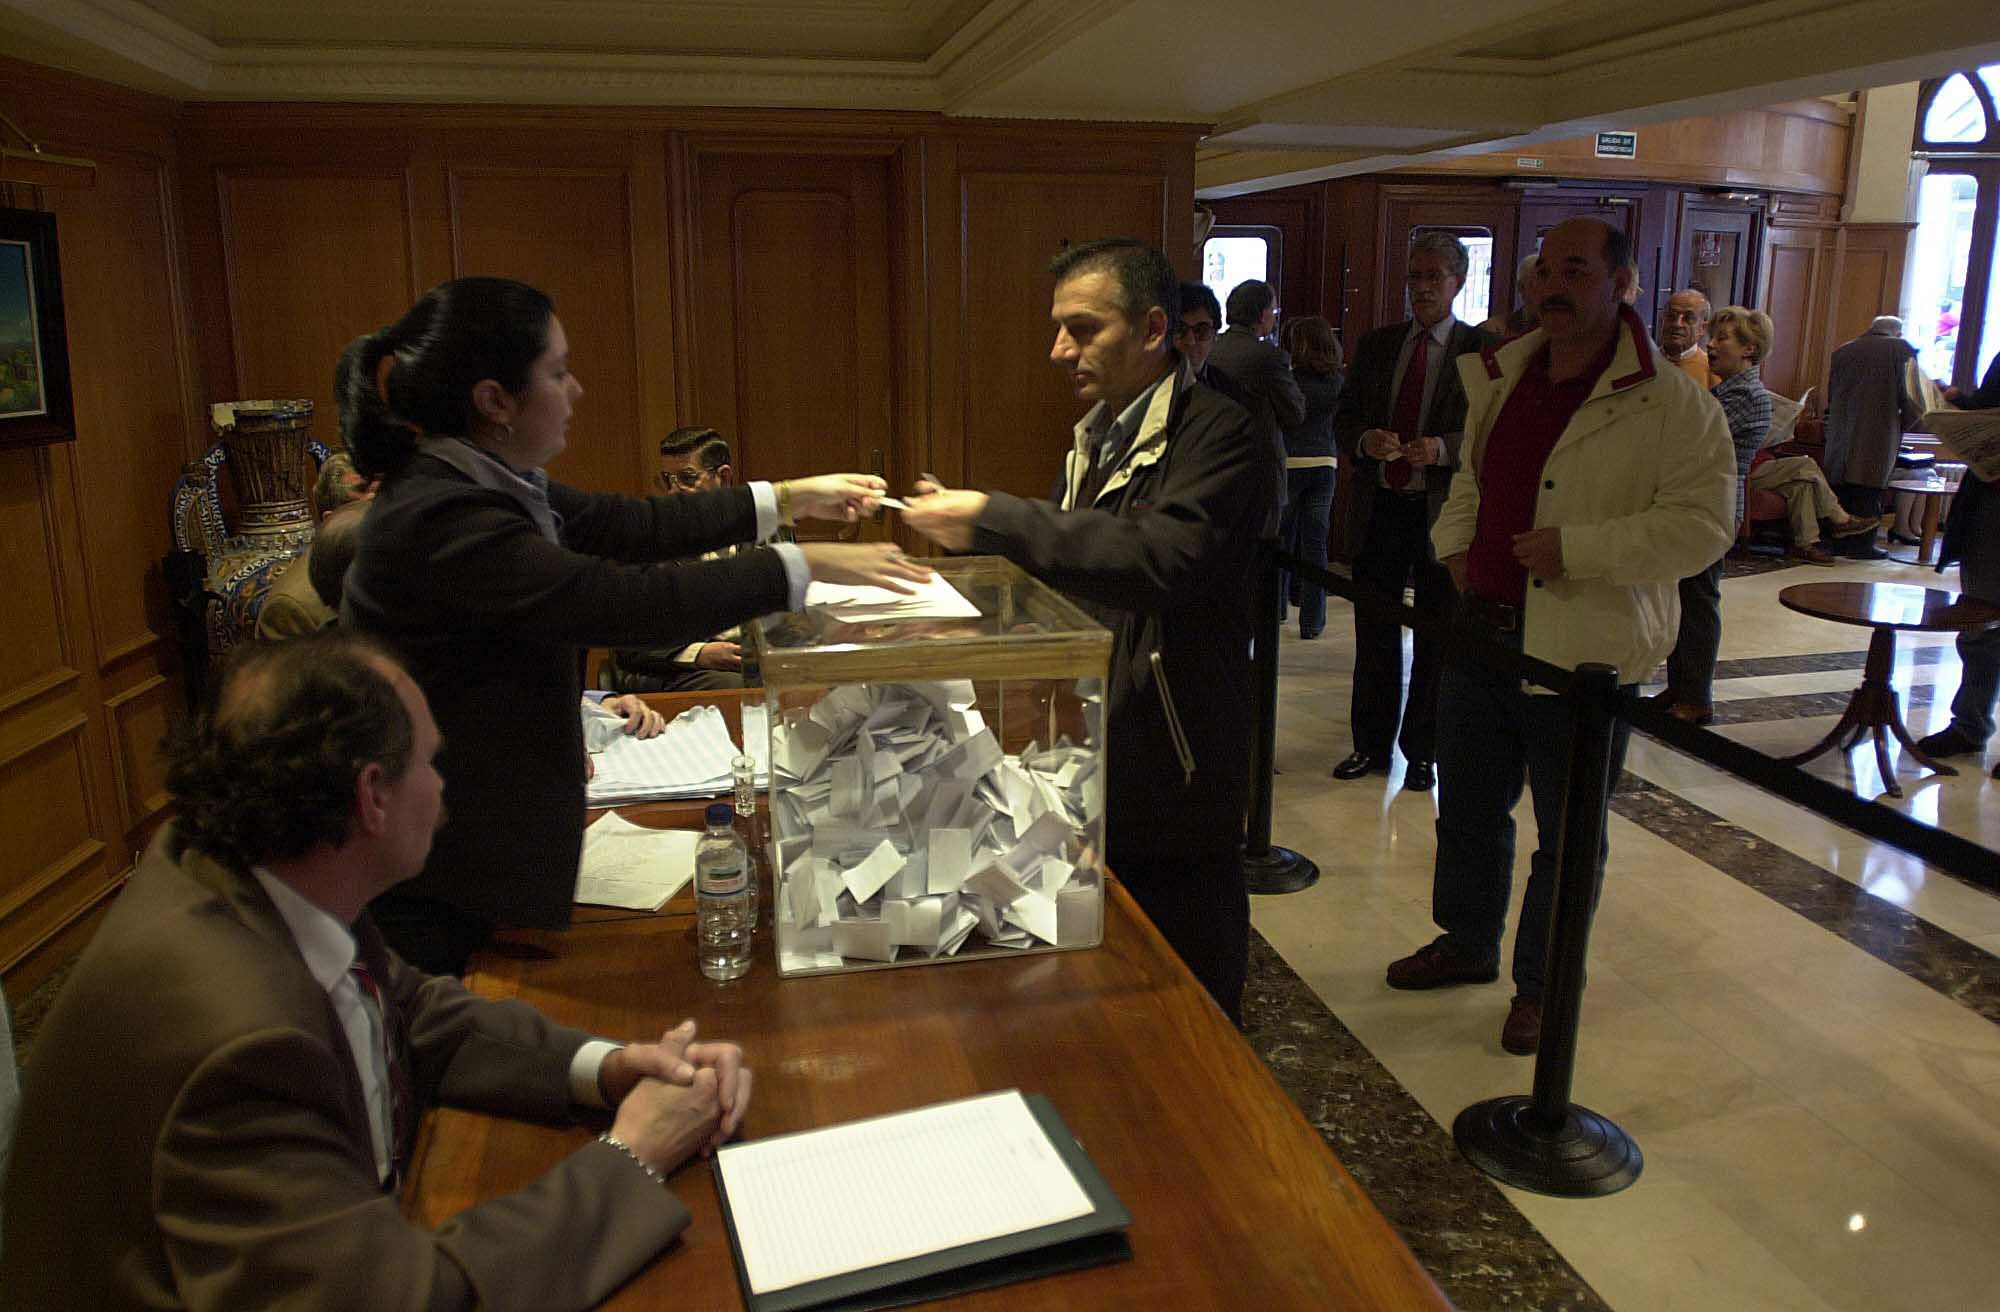 Elecciones en el Círculo Mercantil en 2003_J de Arcos.jpg